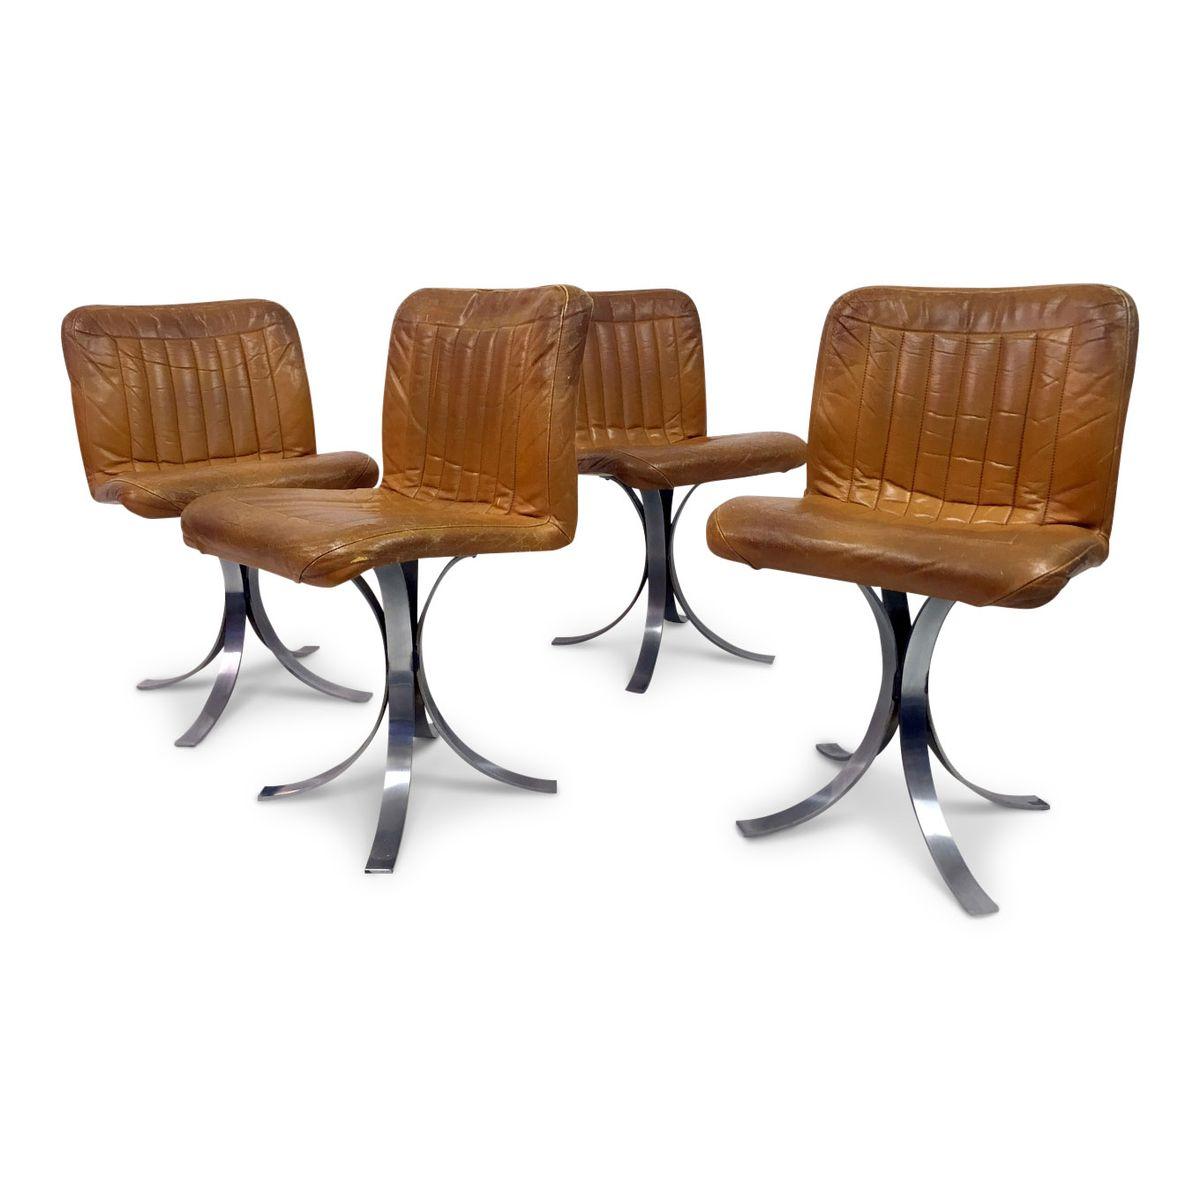 franz sische esszimmerst hle aus leder und chrom von flox 1970er 4er set bei pamono kaufen. Black Bedroom Furniture Sets. Home Design Ideas